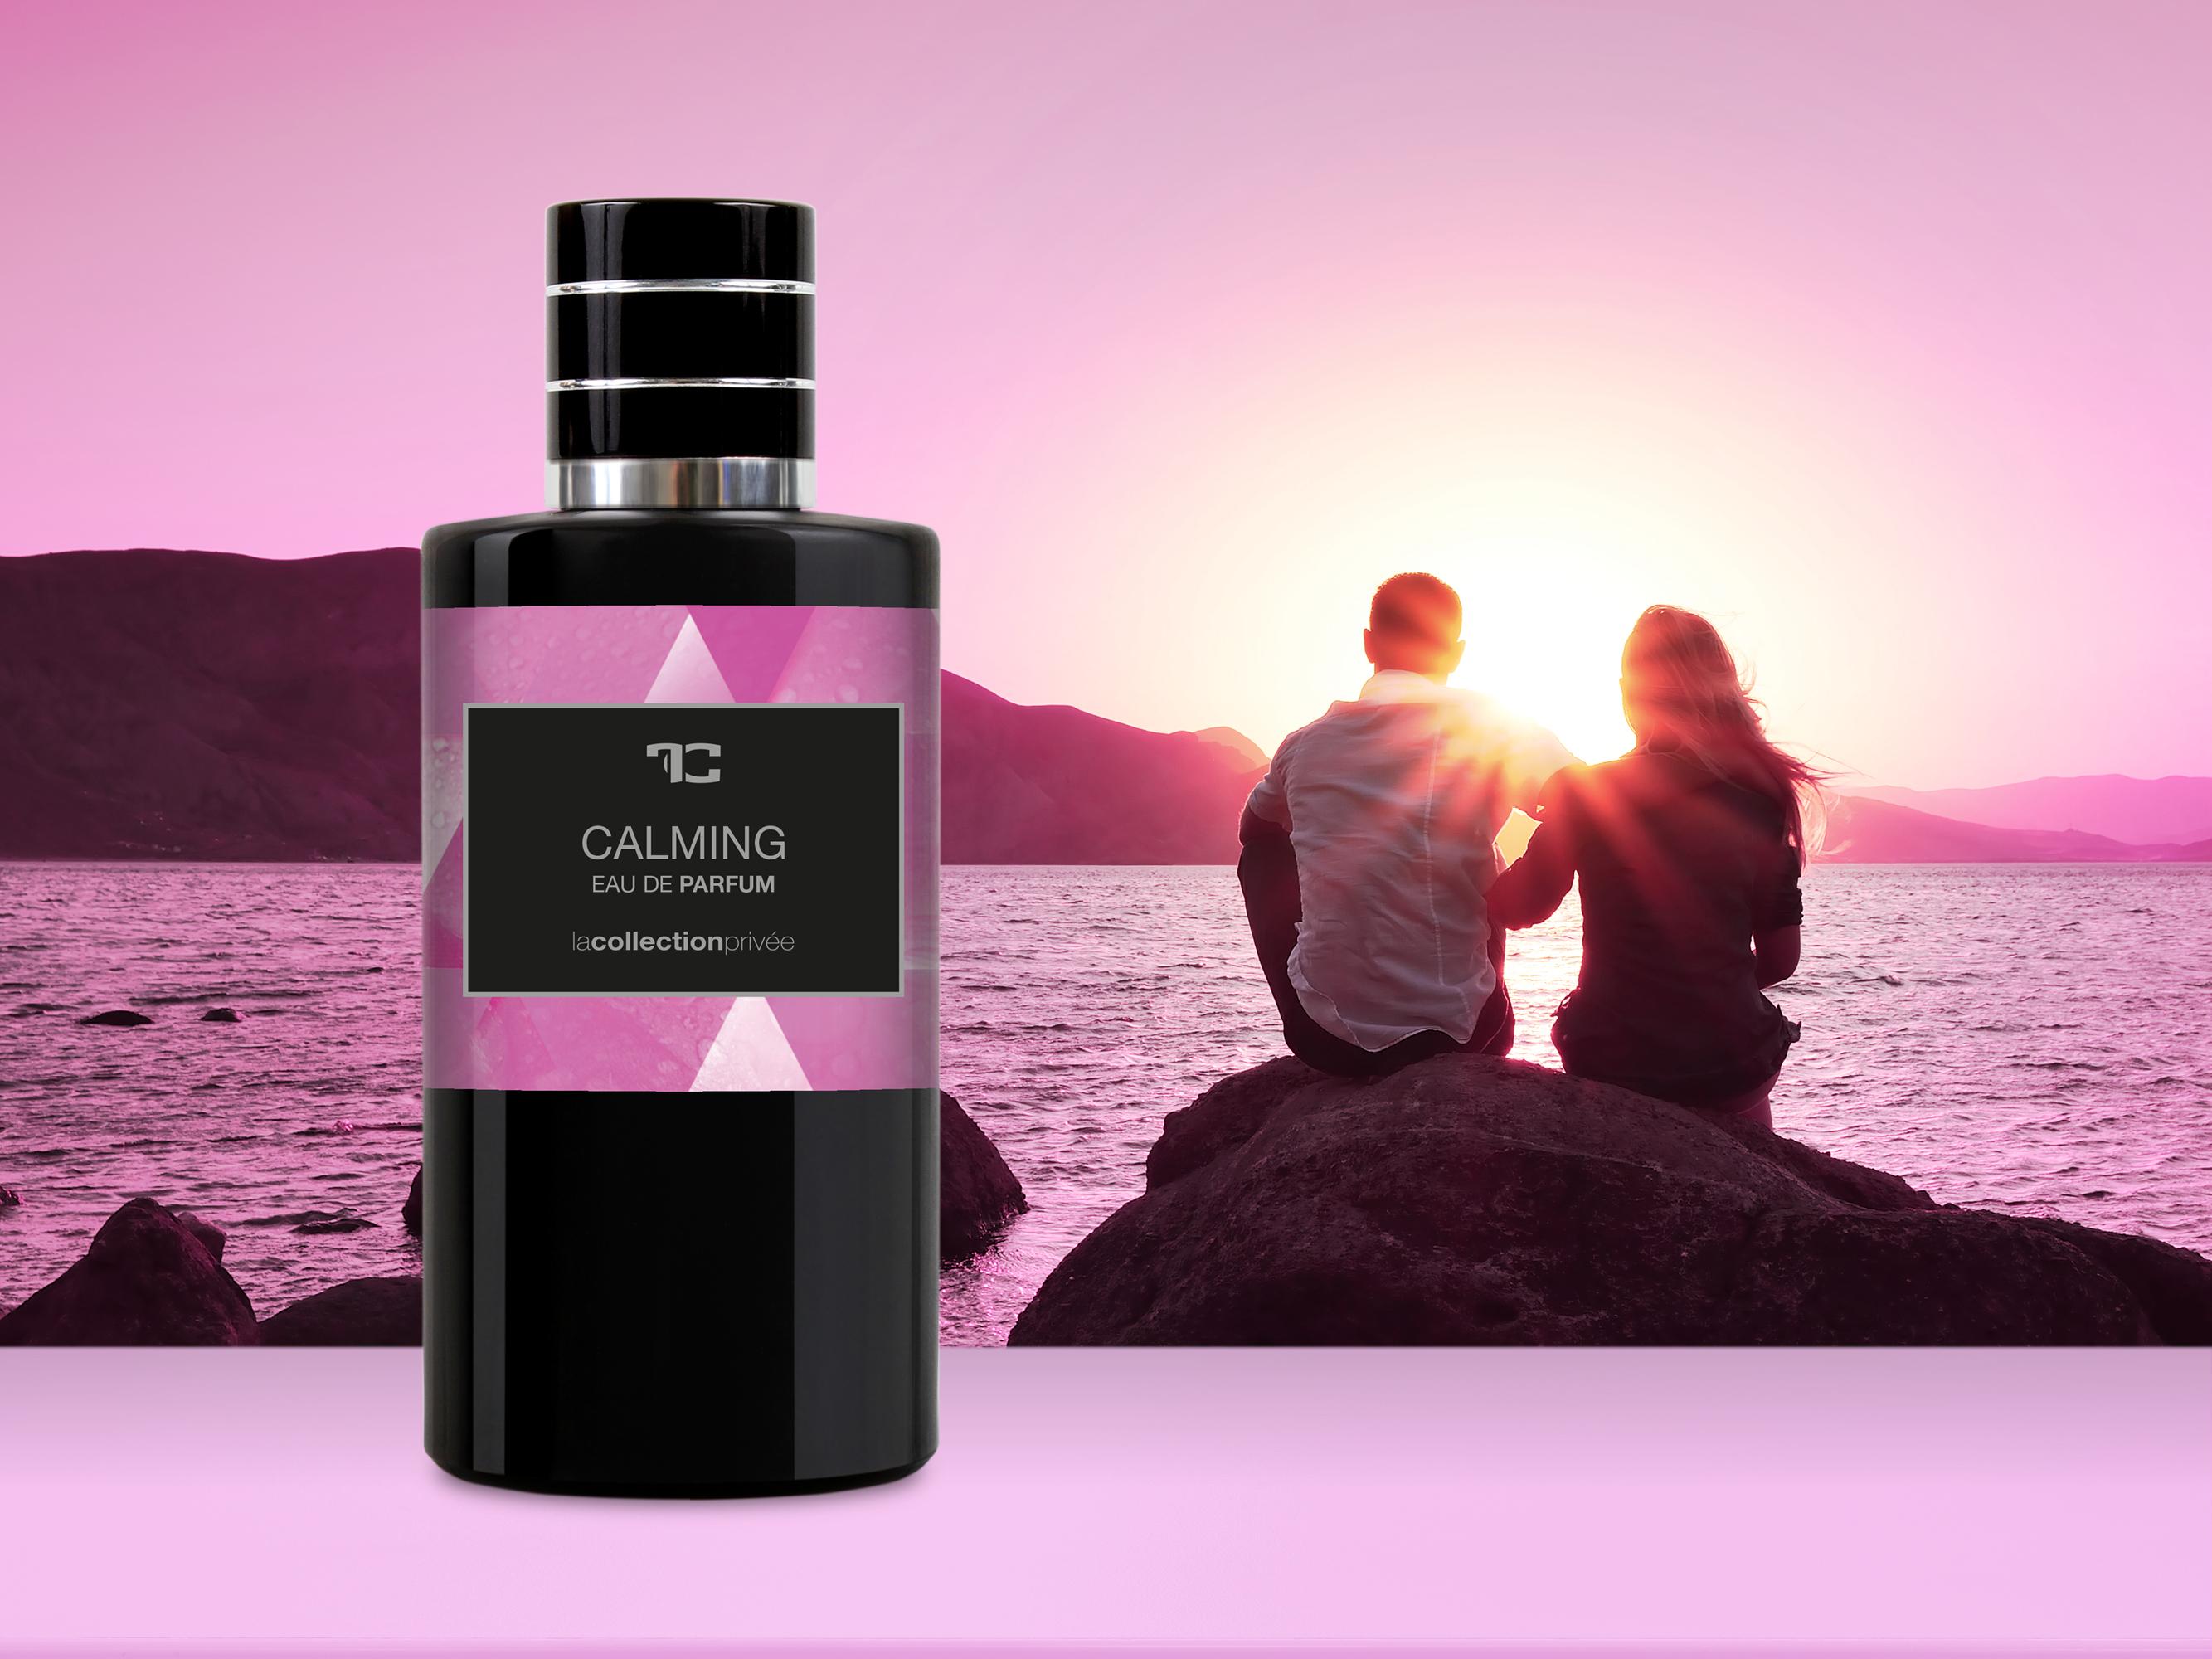 EAU DE PARFUM calming, parfémová voda, LA COLLECTION PRIVÉE